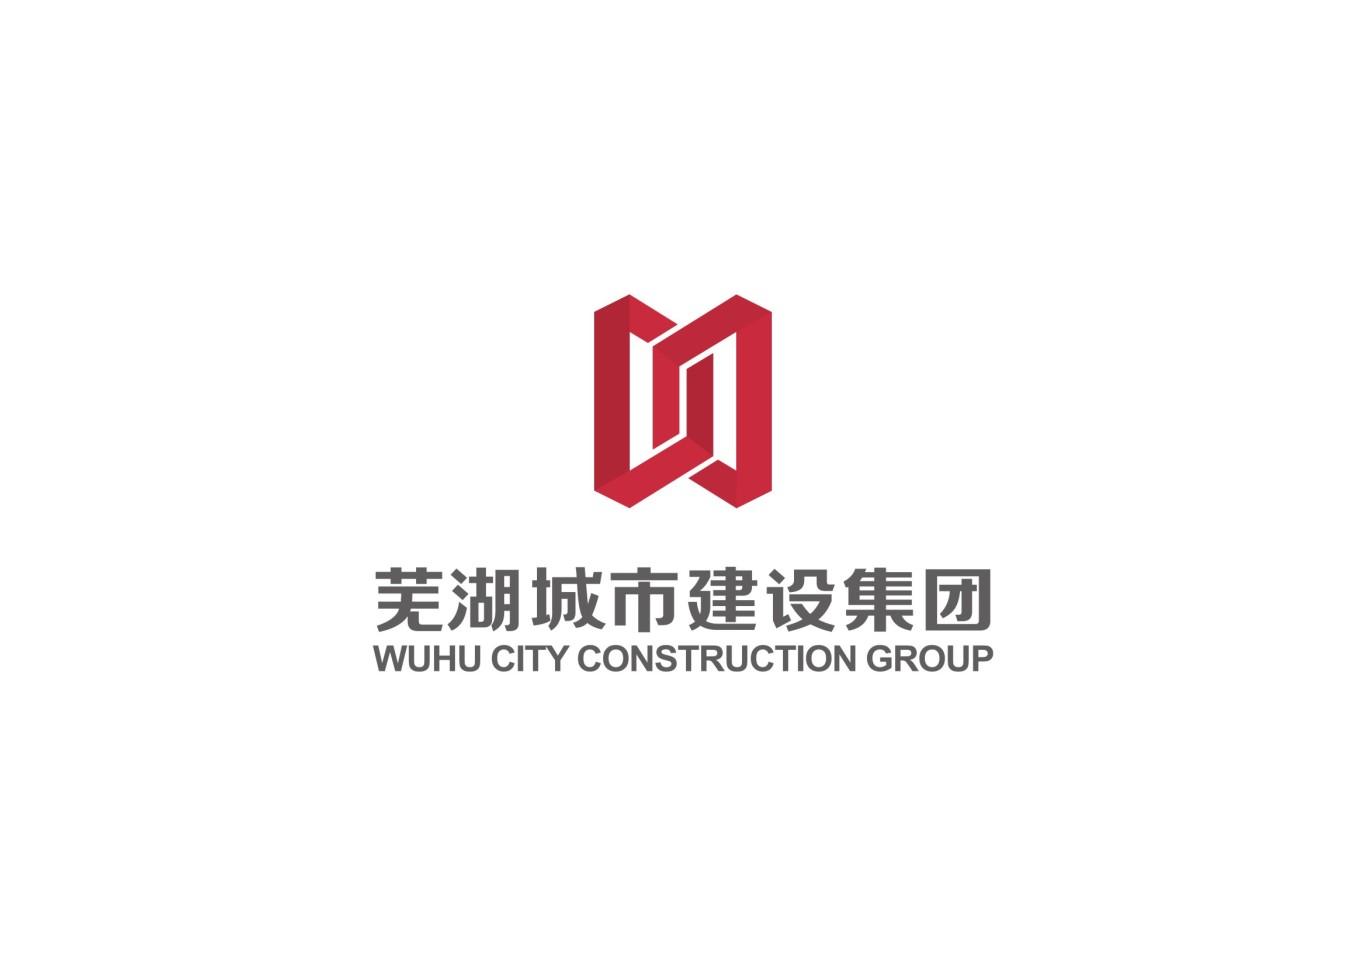 芜湖城市建设集团标志方案图3